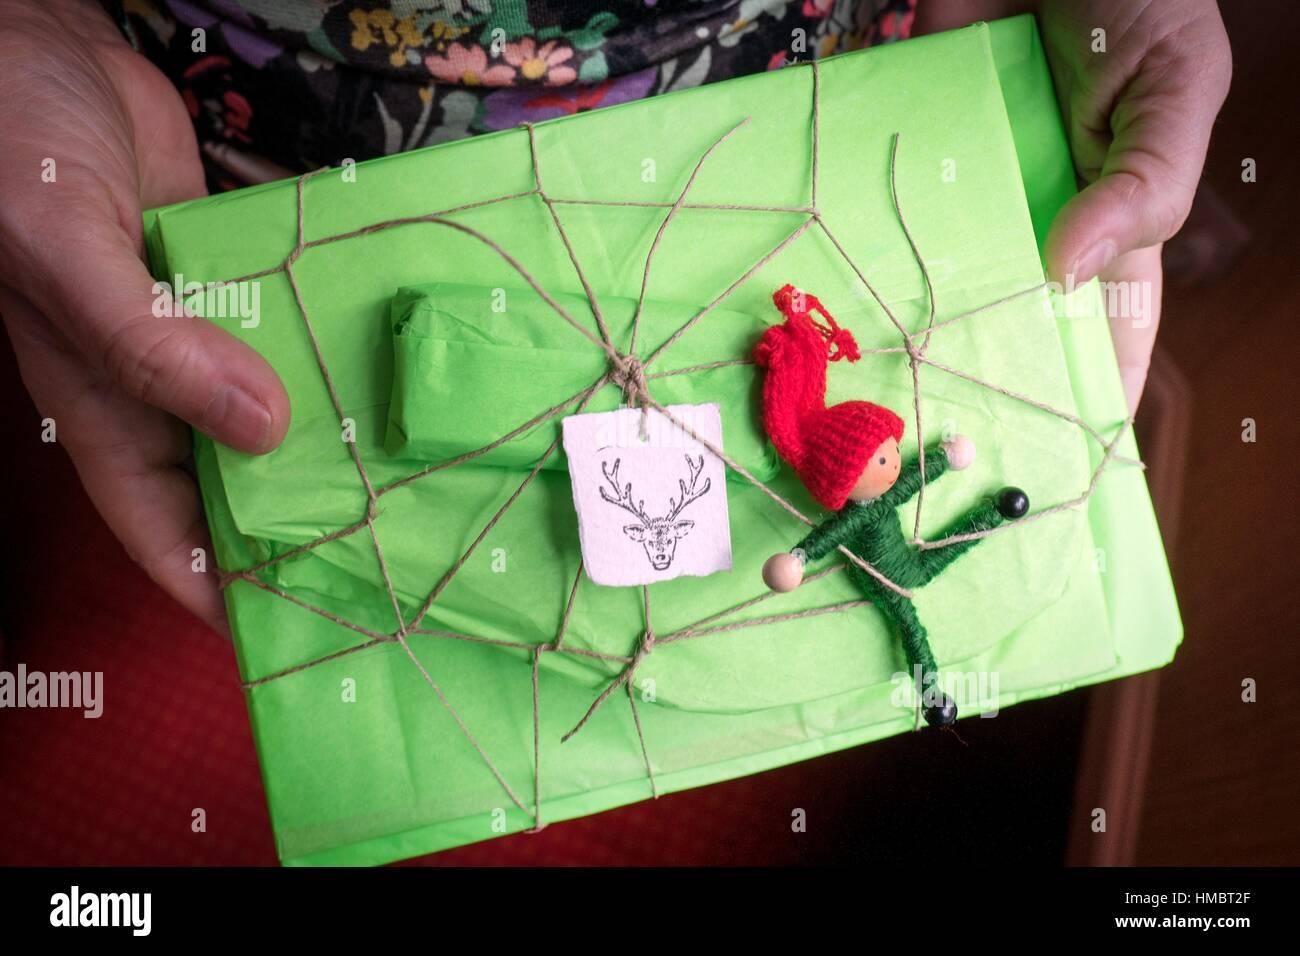 Donna mani un regalo di Natale in un pacchetto di verde, con un etichetta di cervi e elf figura Immagini Stock